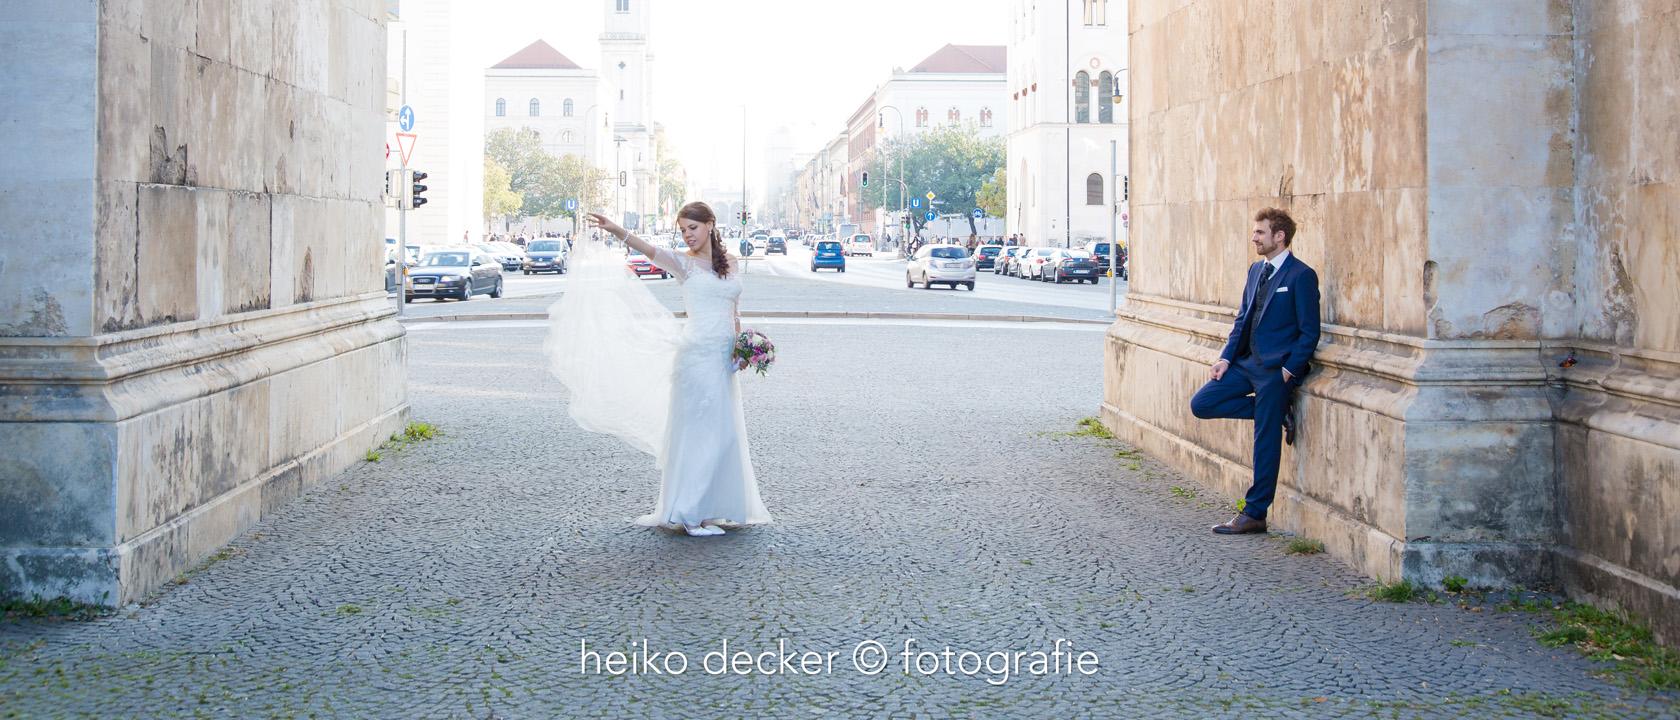 Hochzeitsfotograf - Heiko Decker